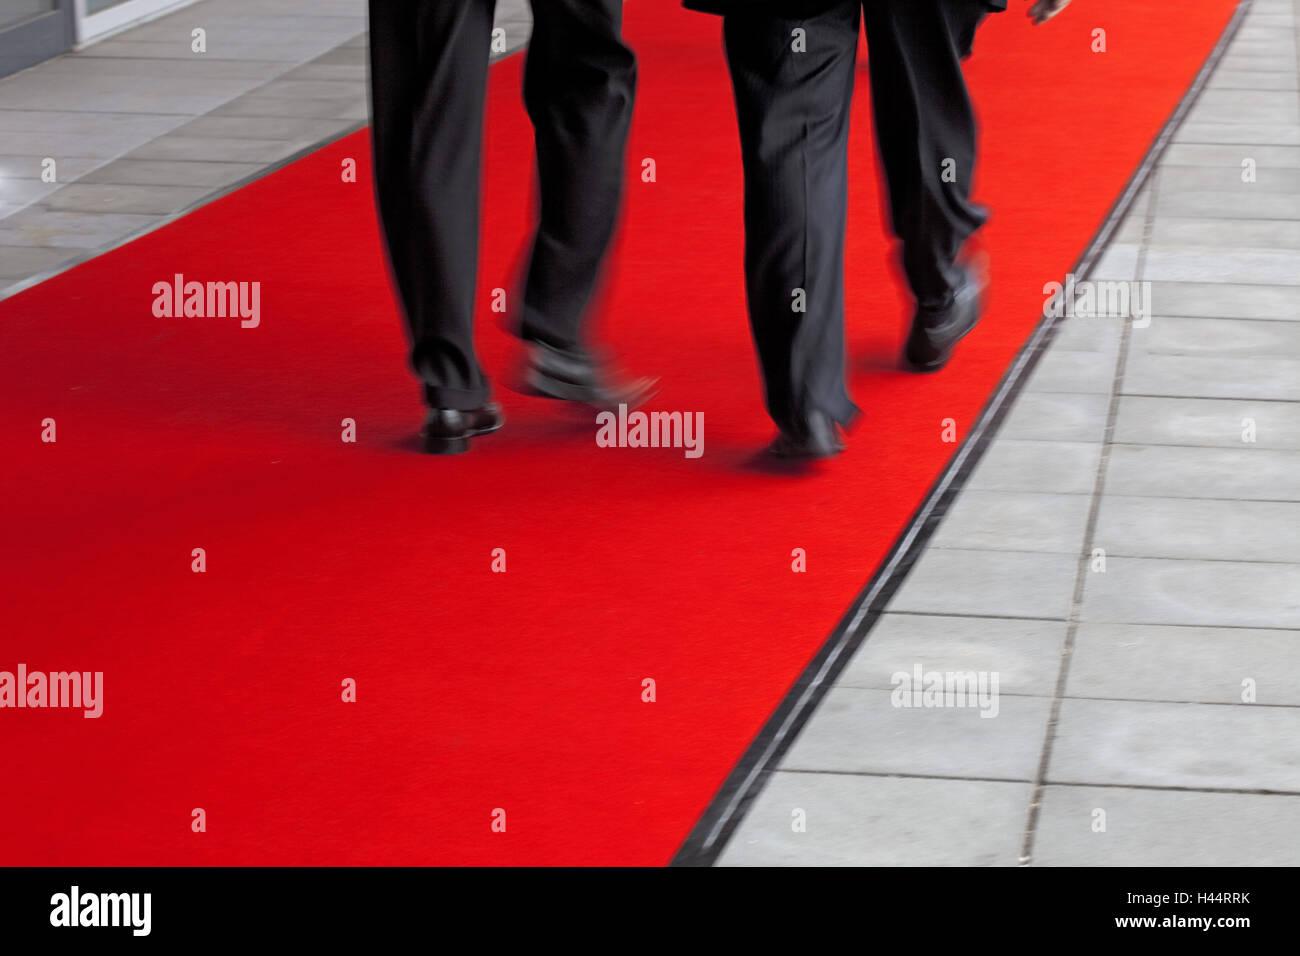 Geschäftsleute auf einem roten Teppich, Detail, Stockbild